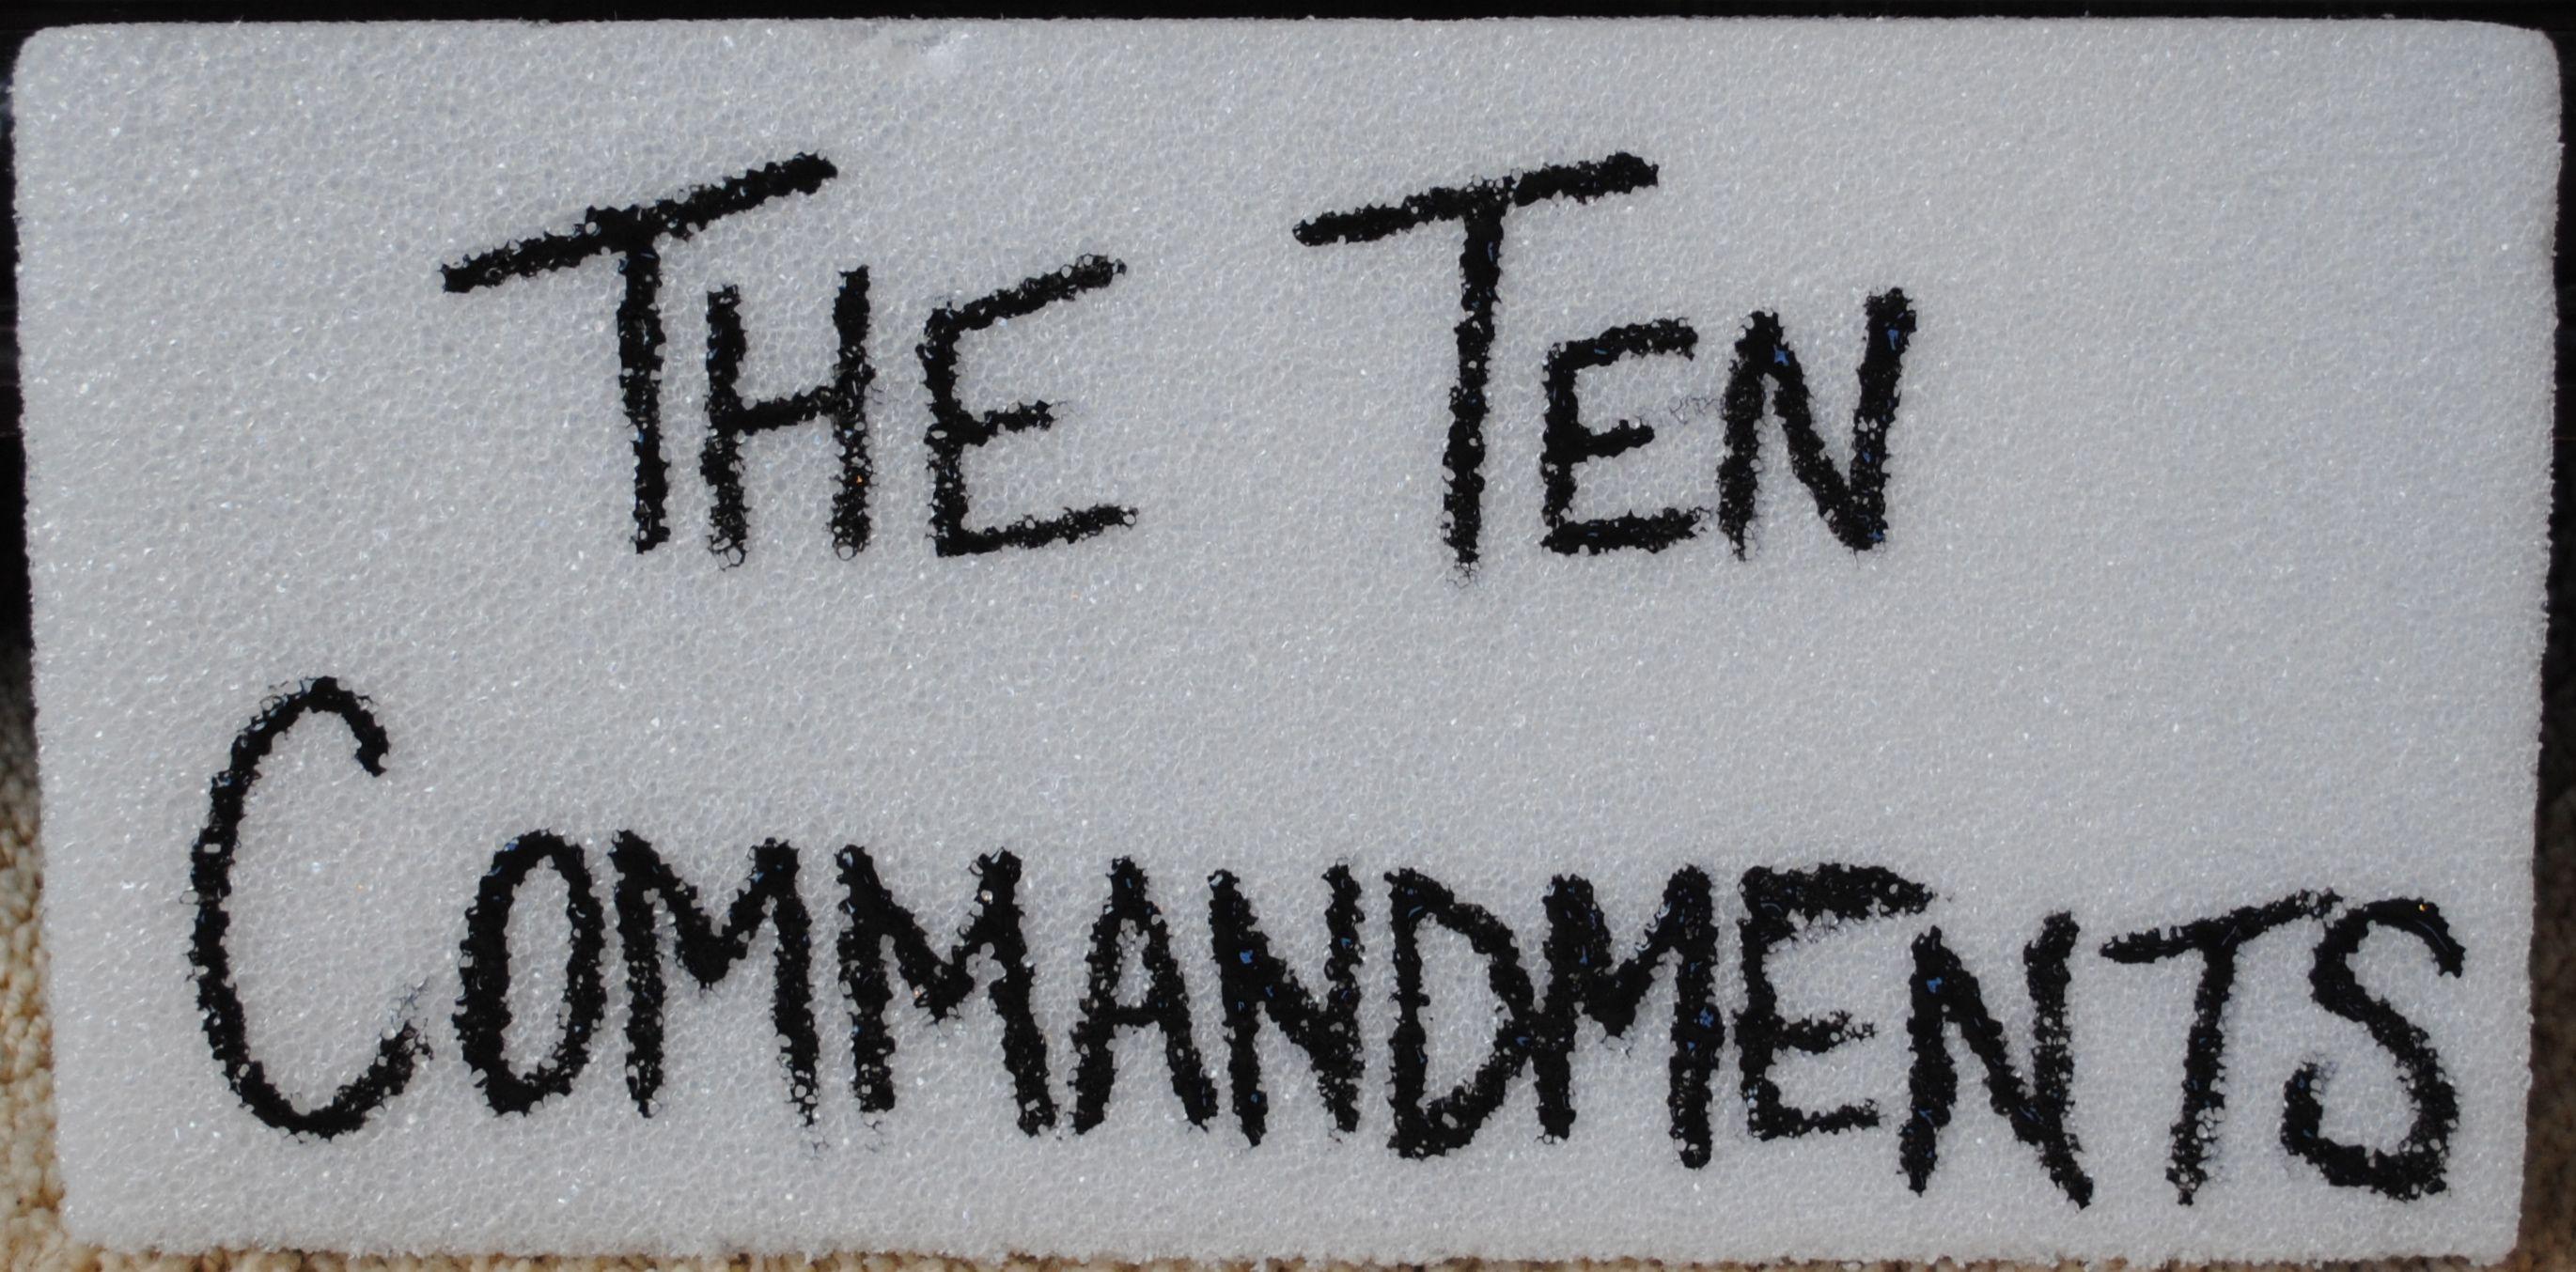 11 Broken Ten Commandments